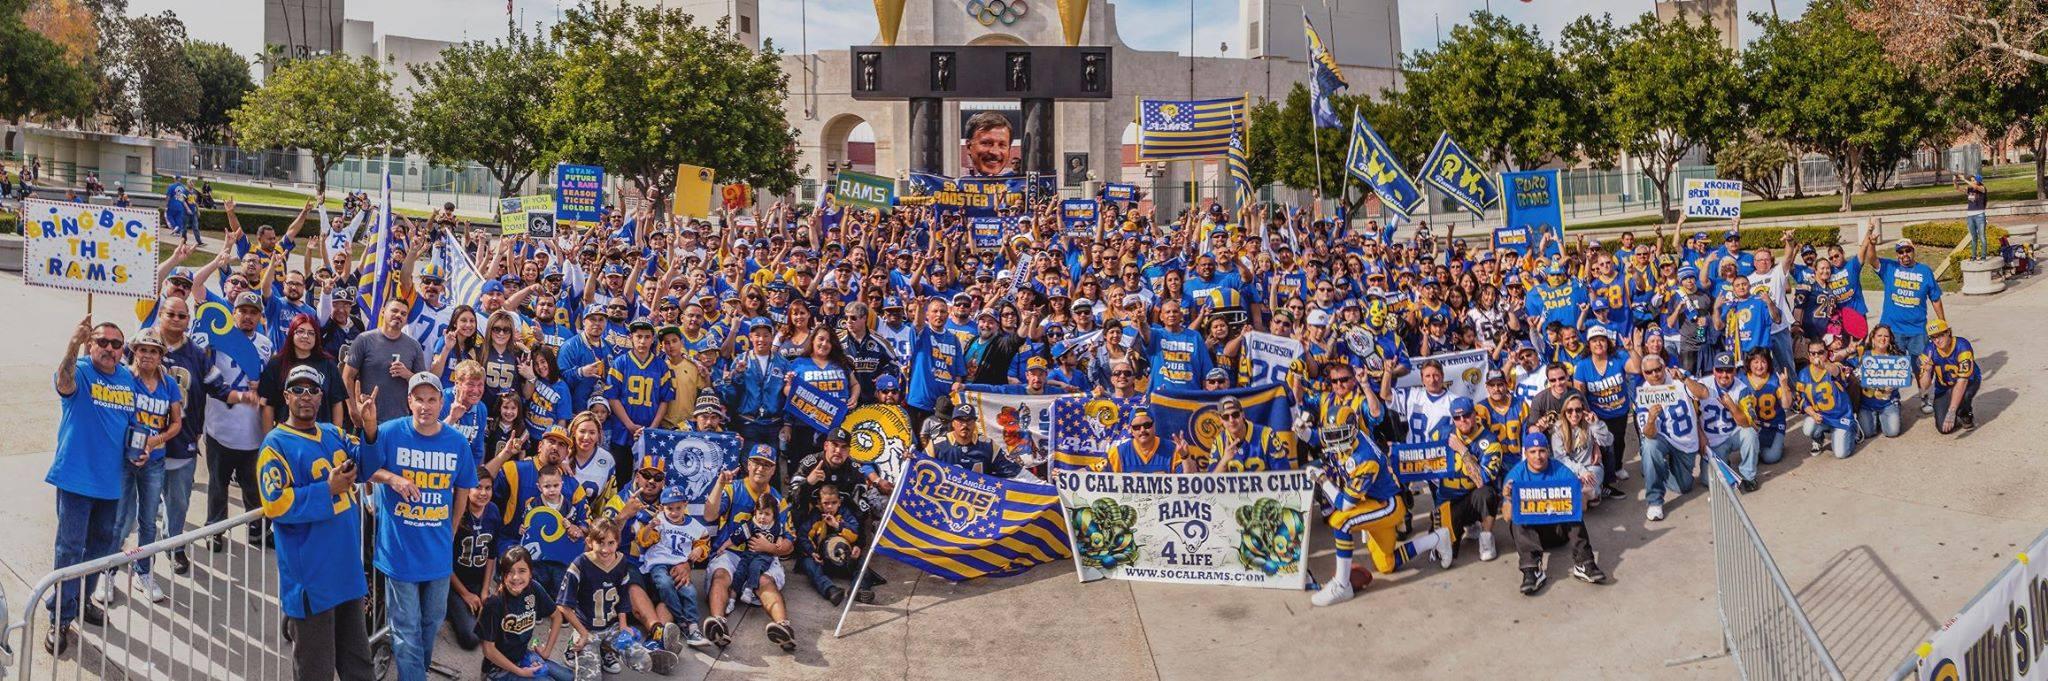 LA_Rams_Fans.jpg